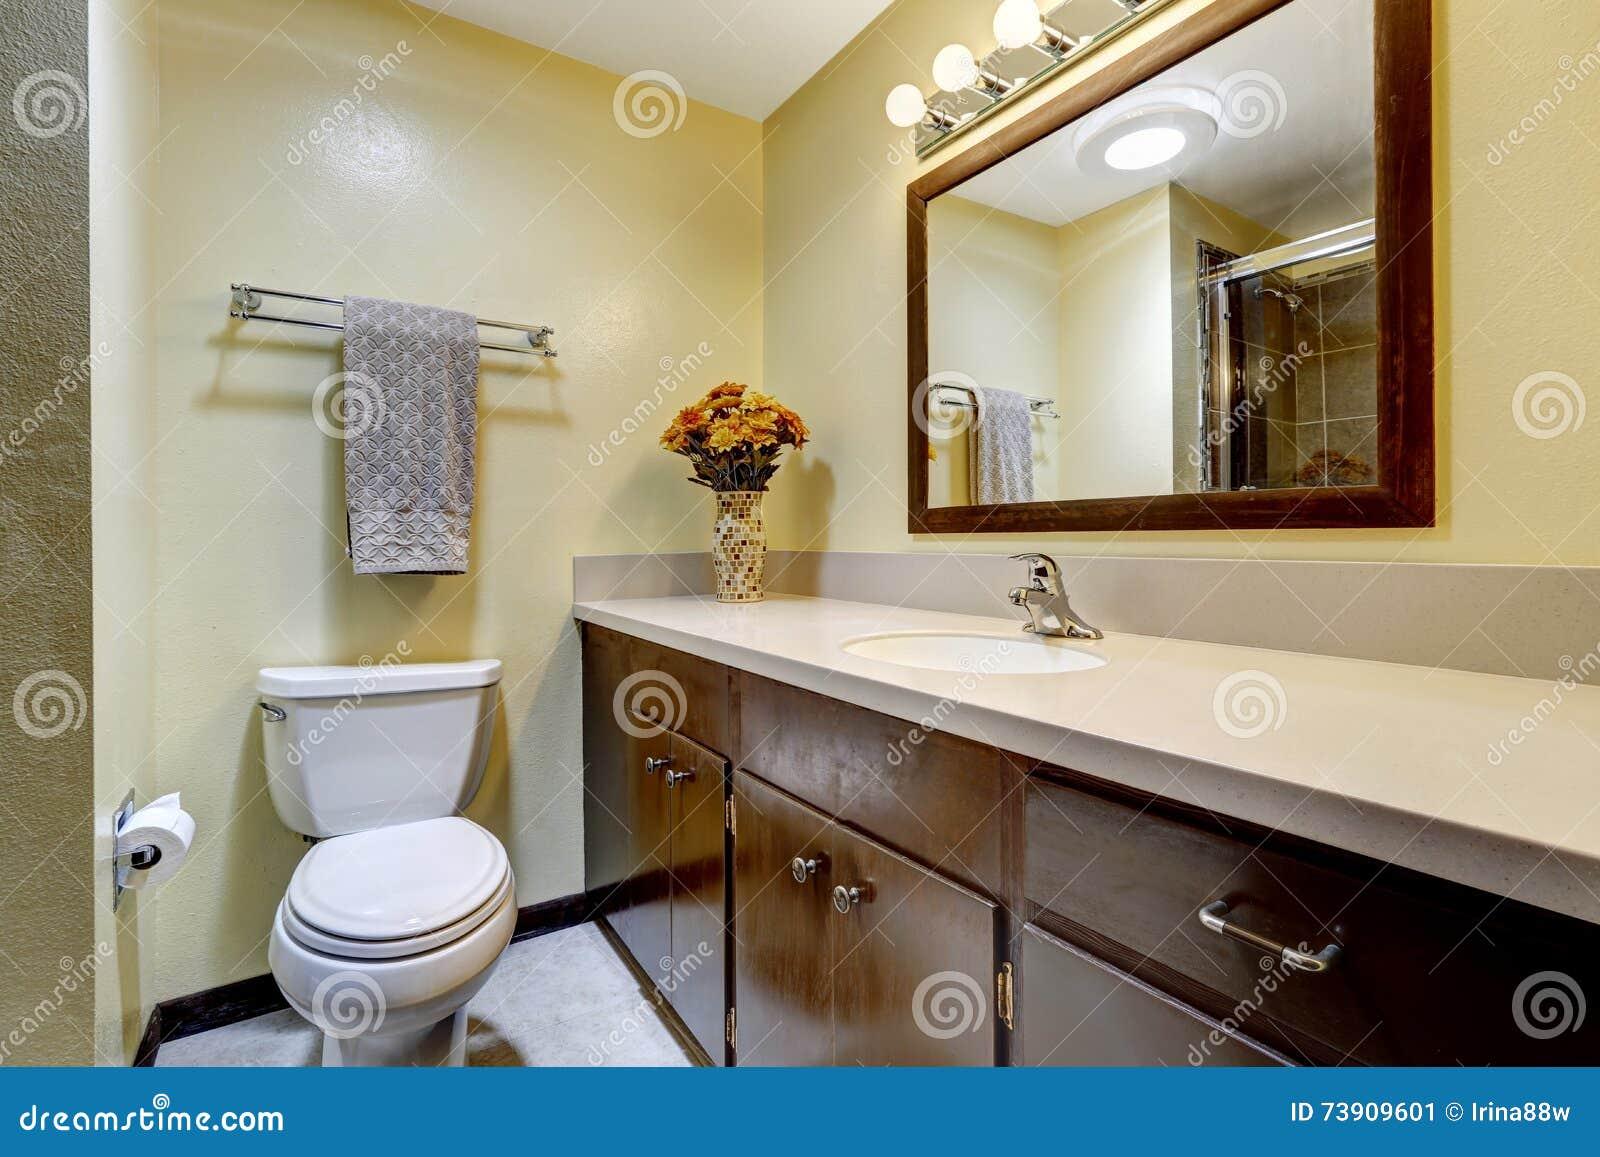 Colori Per Pareti Beige : Bagno nel colore marrone con le pareti beige immagine stock